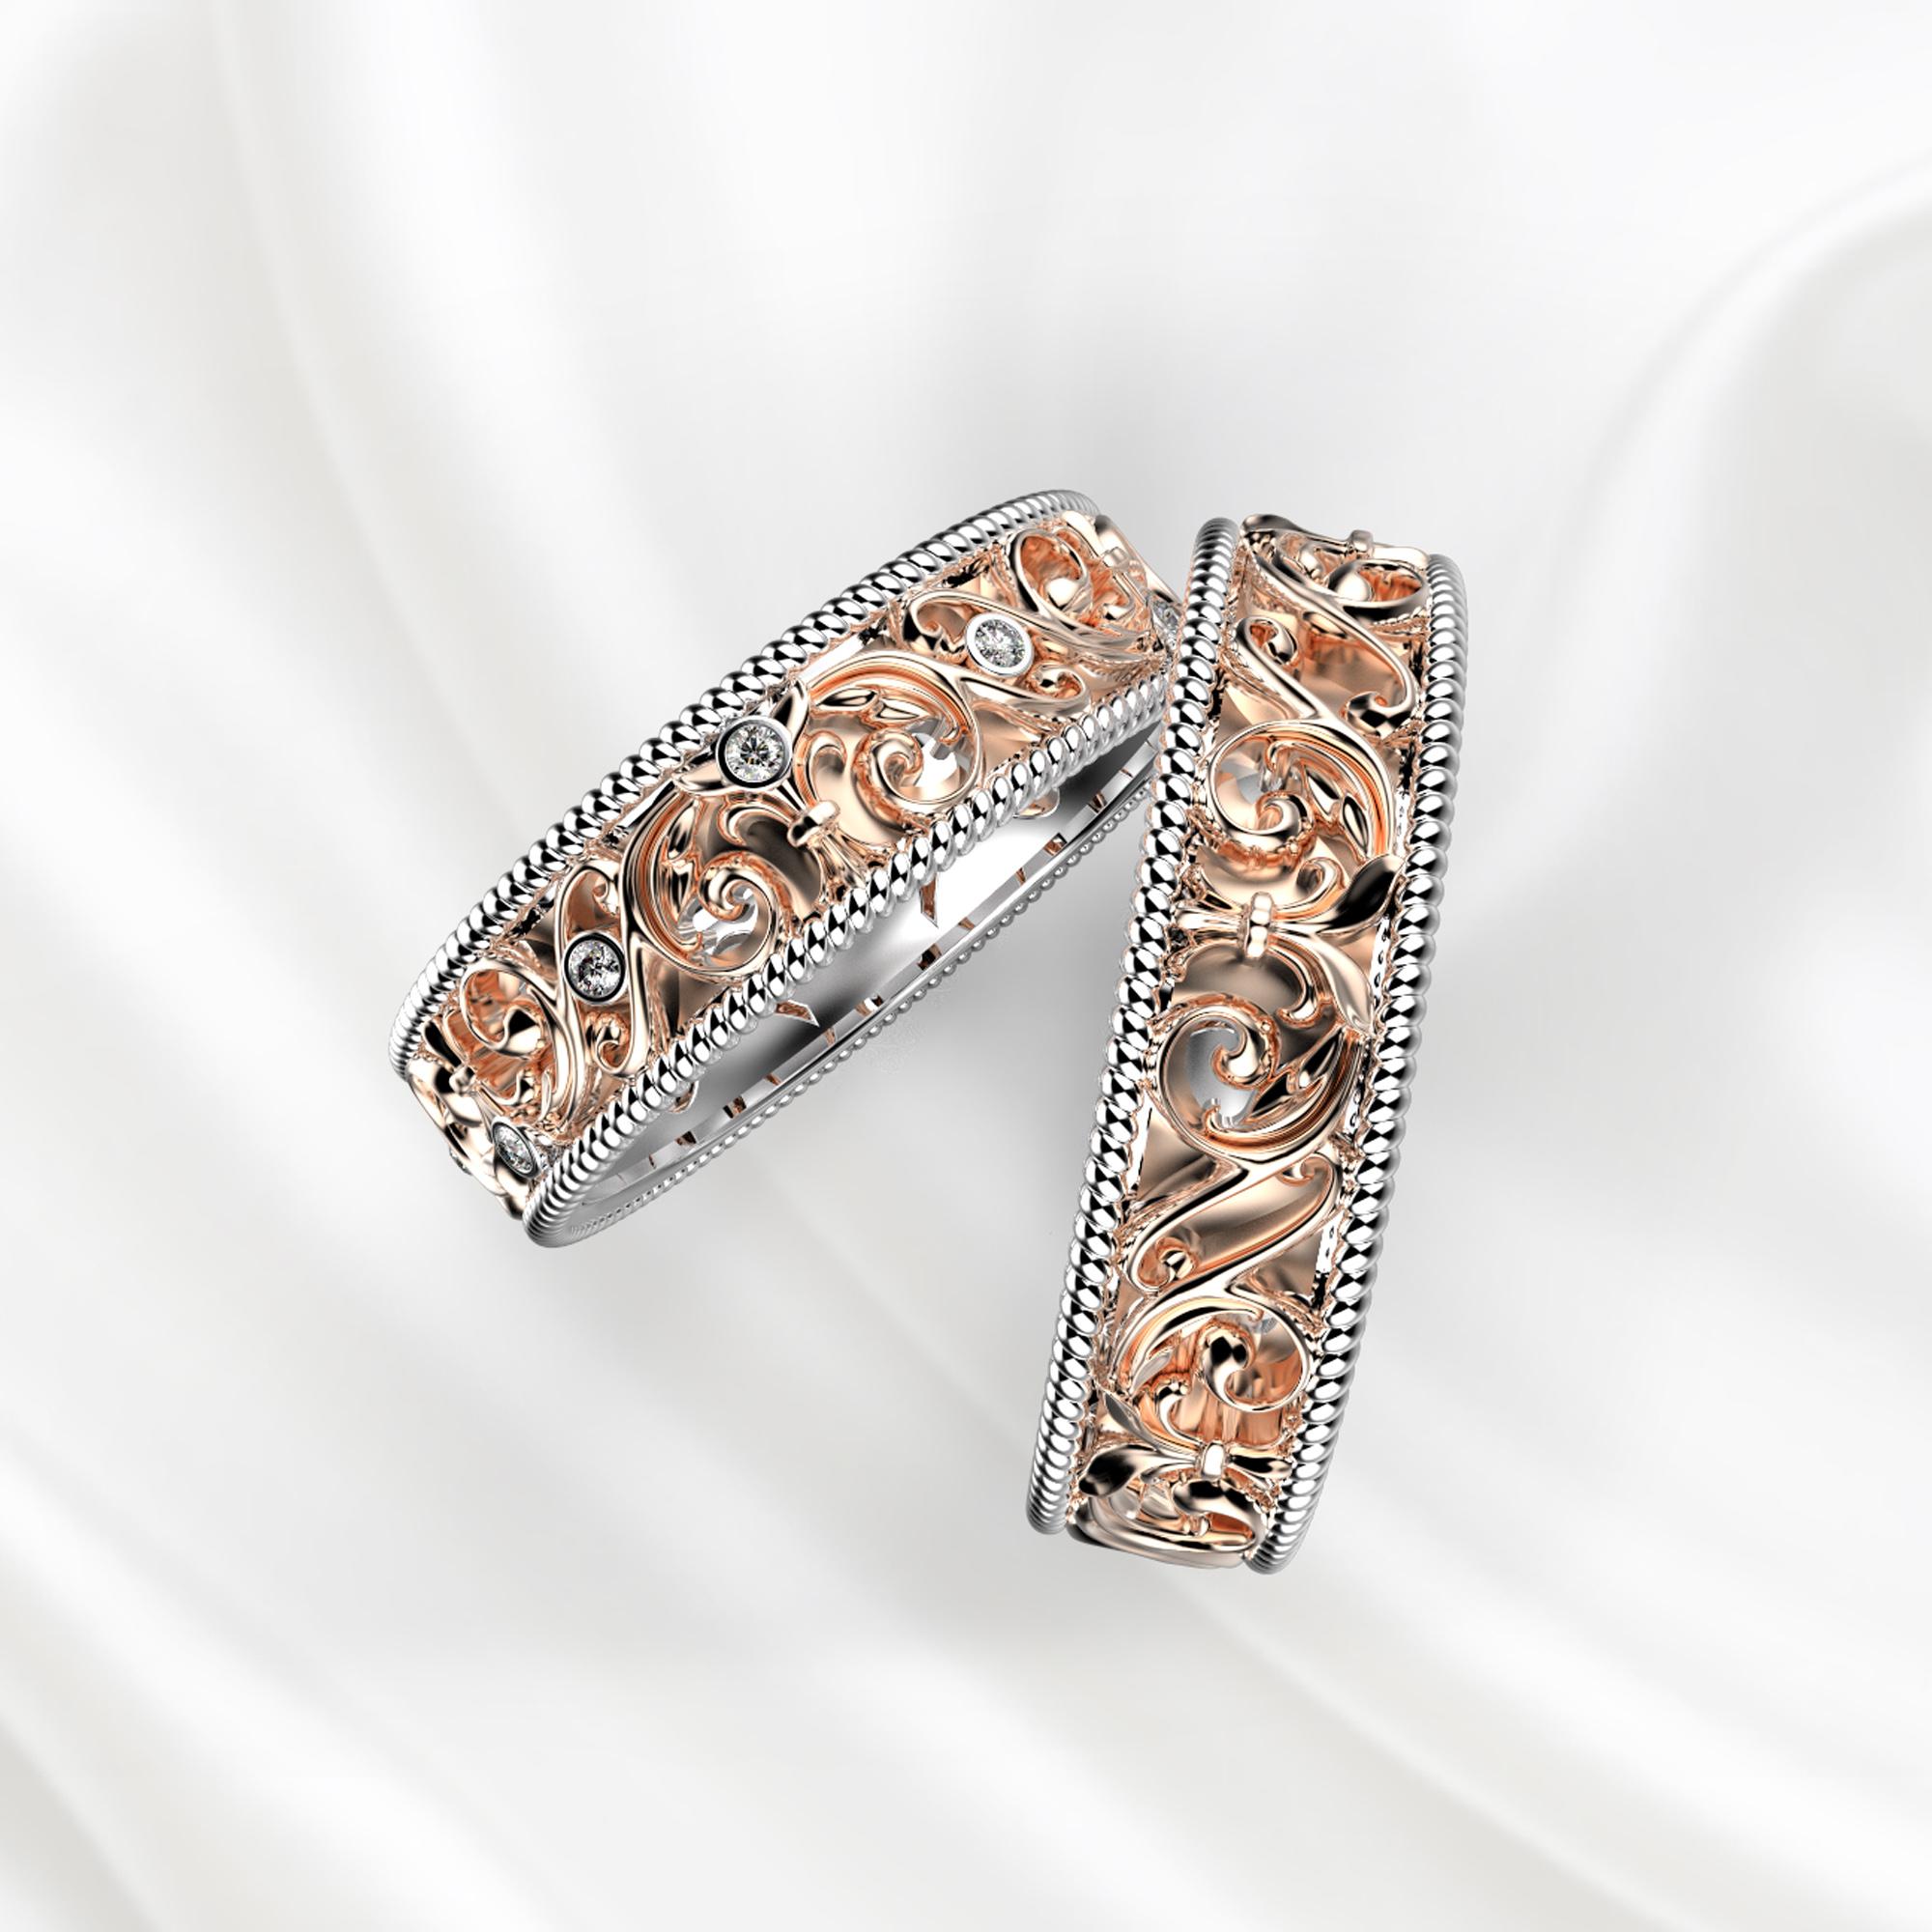 NV28 Обручальные кольца из бело-розового золота с бриллиантами